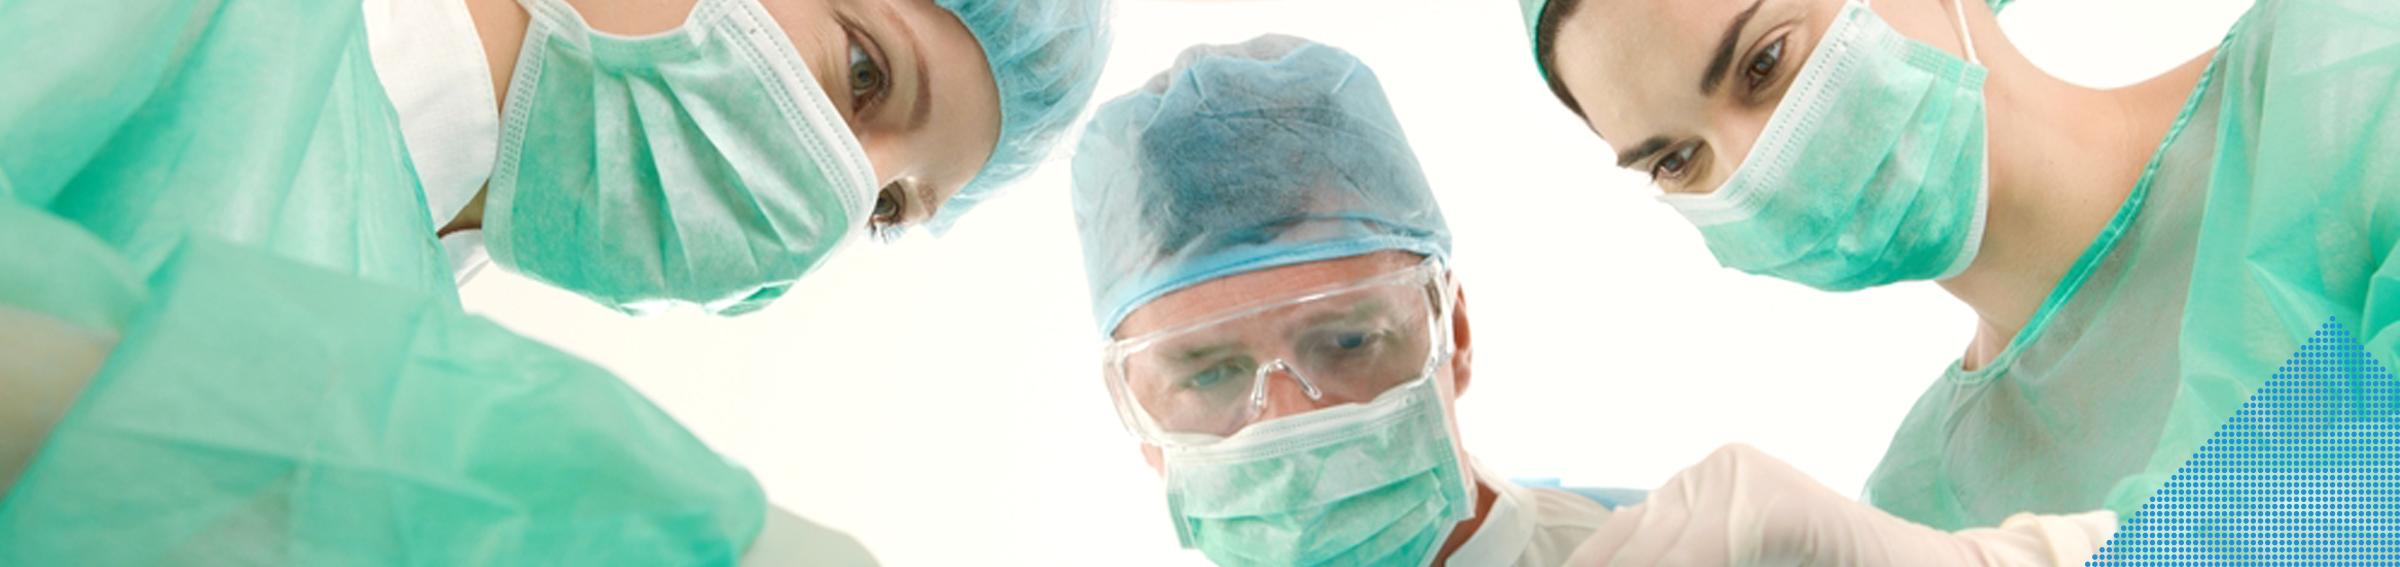 Zdravotnictví - Medical fader